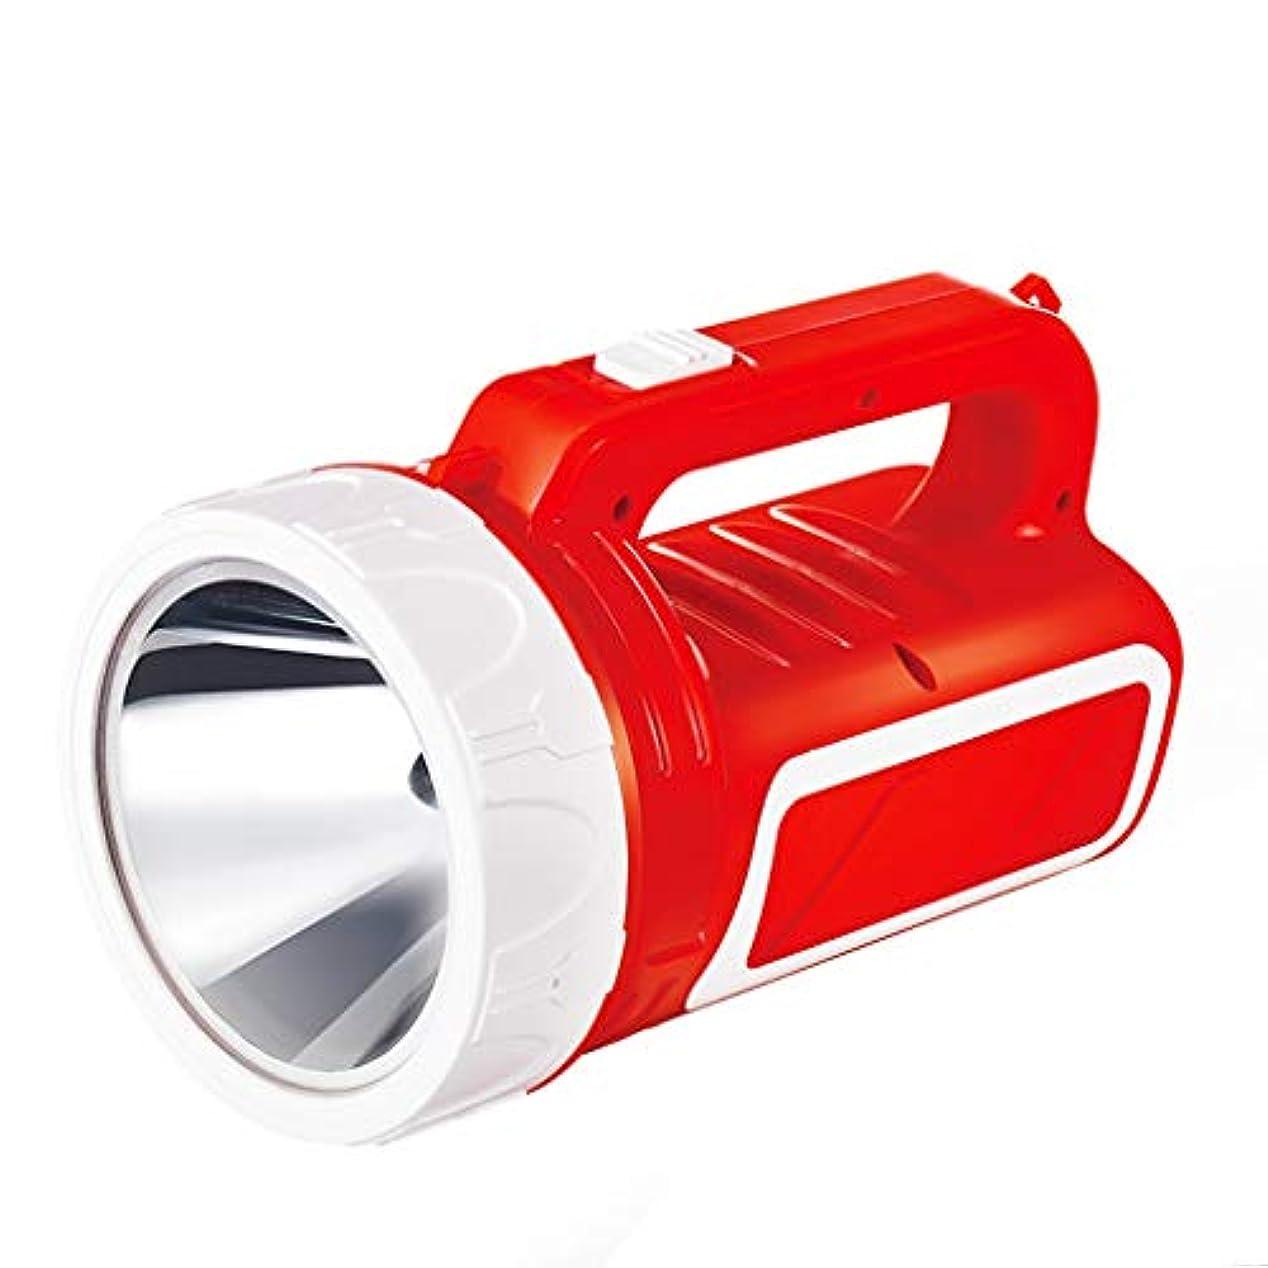 好色な自信があるきらきらサーチライトマイナーランプ屋外グレア充電式家庭用長距離多機能懐中電灯 (色 : Red)